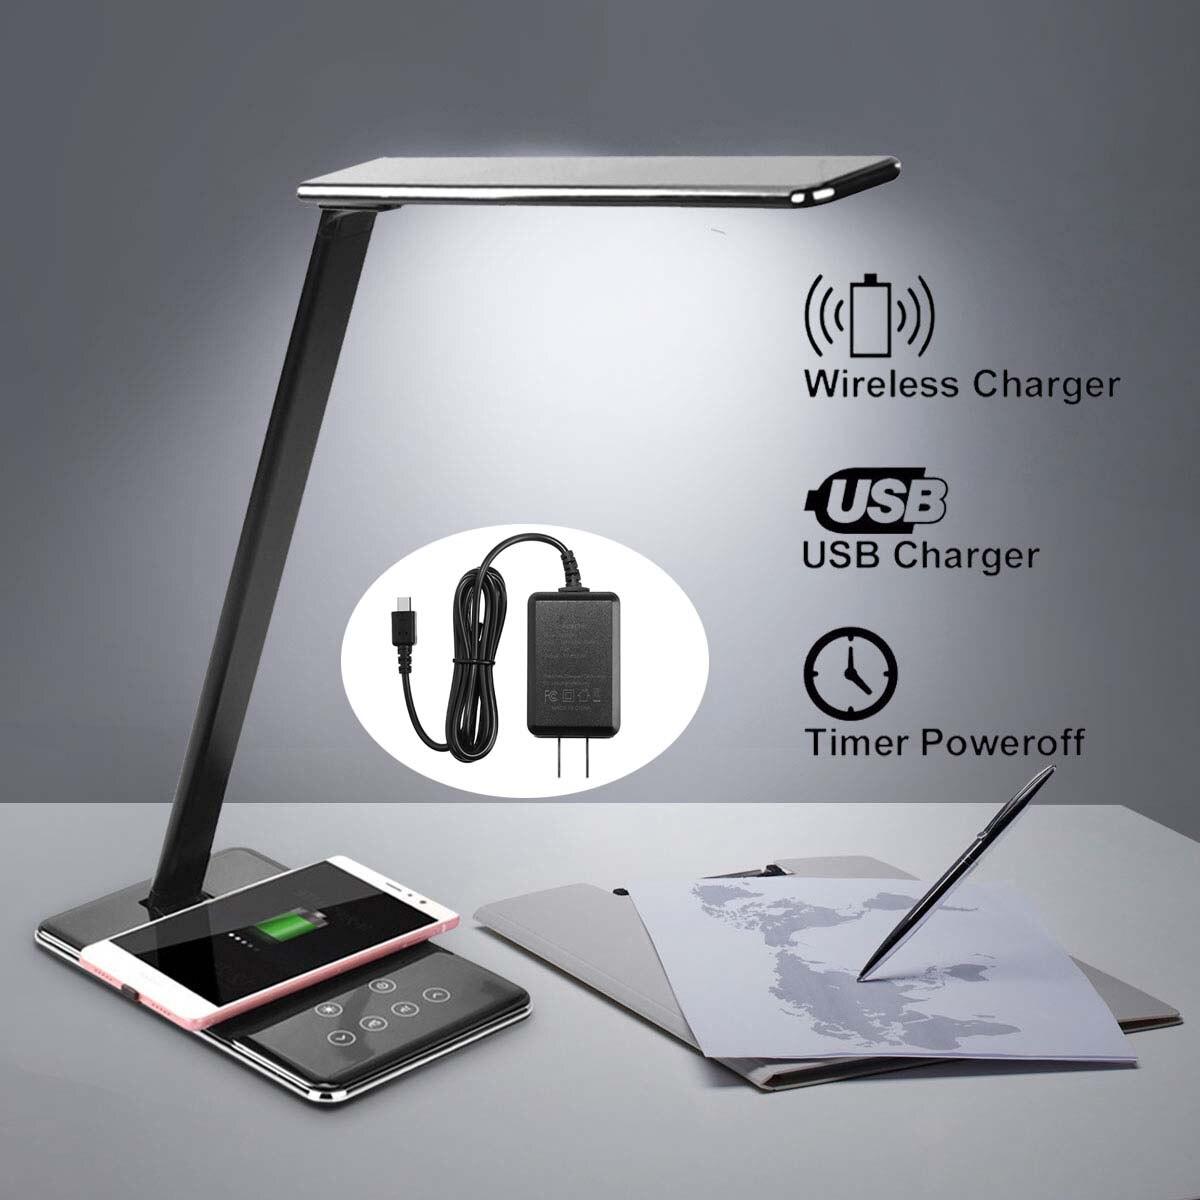 48led 테이블 책상 램프 qi 무선 충전 디밍 터치 스위치 독서 등 전화 충전기 패드 눈 보호 책 빛 플러그